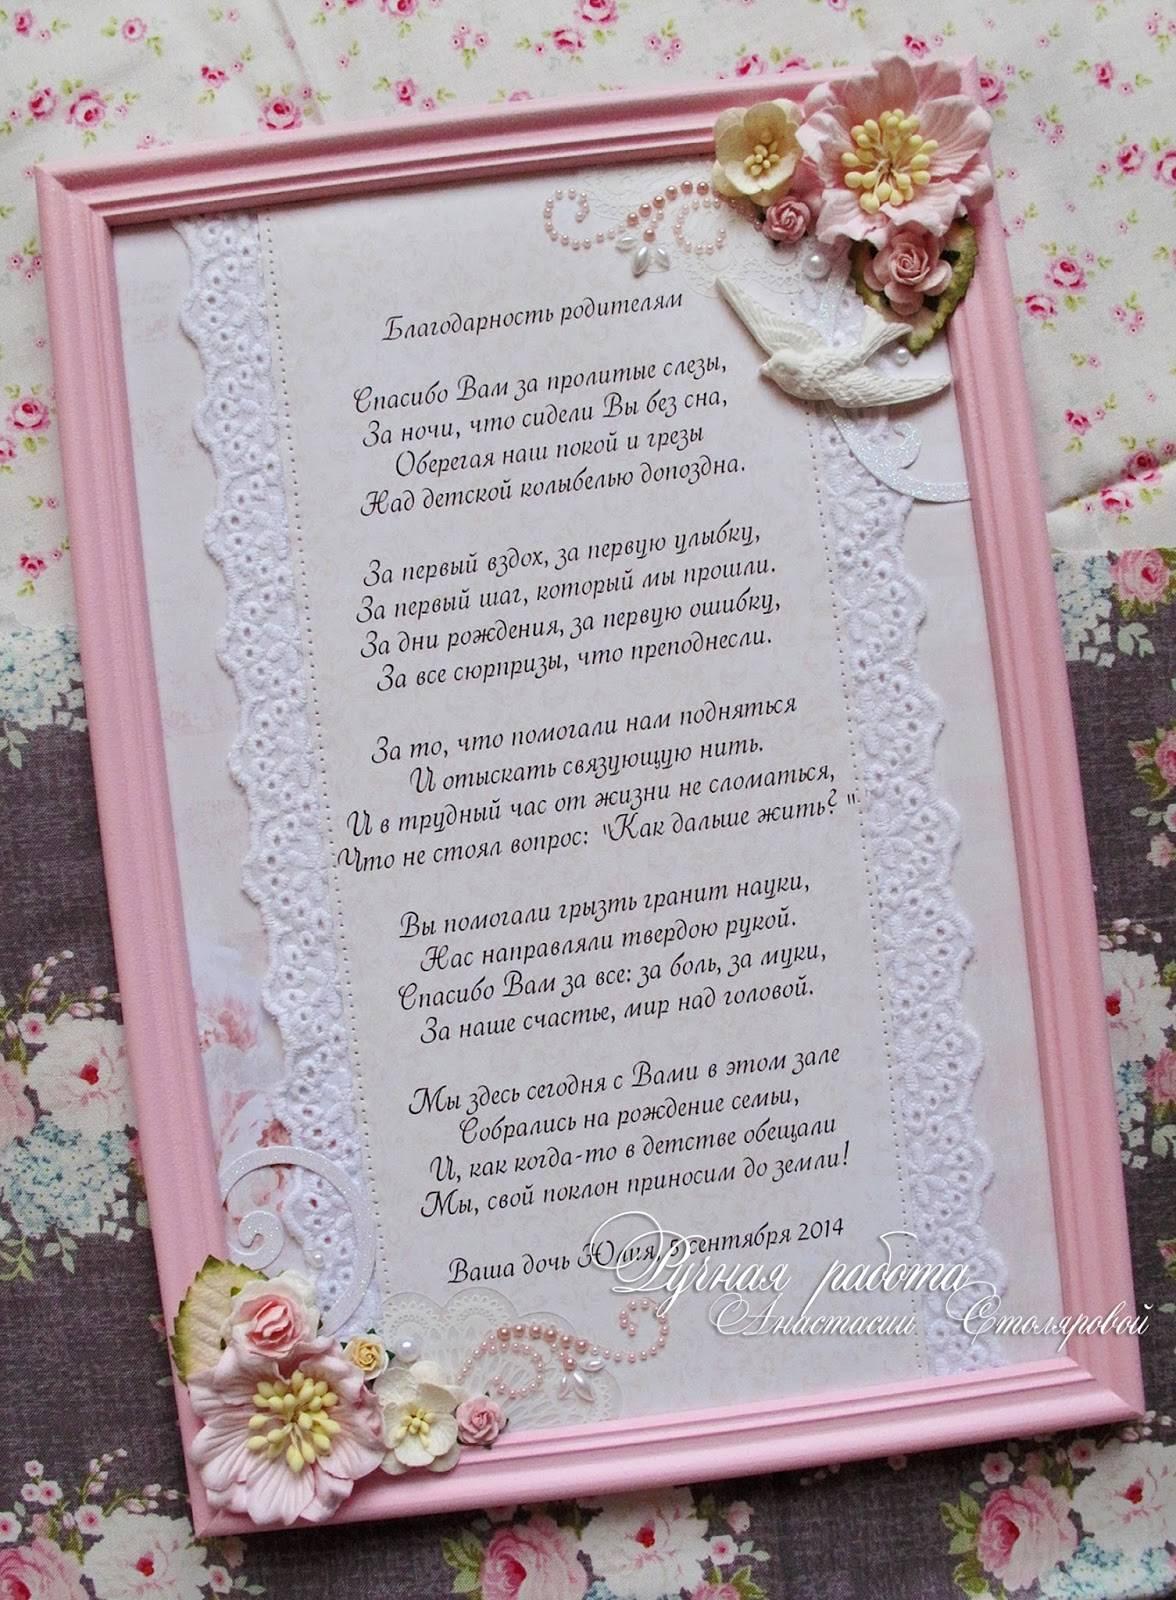 Трогательные слова благодарности родителям на свадьбе